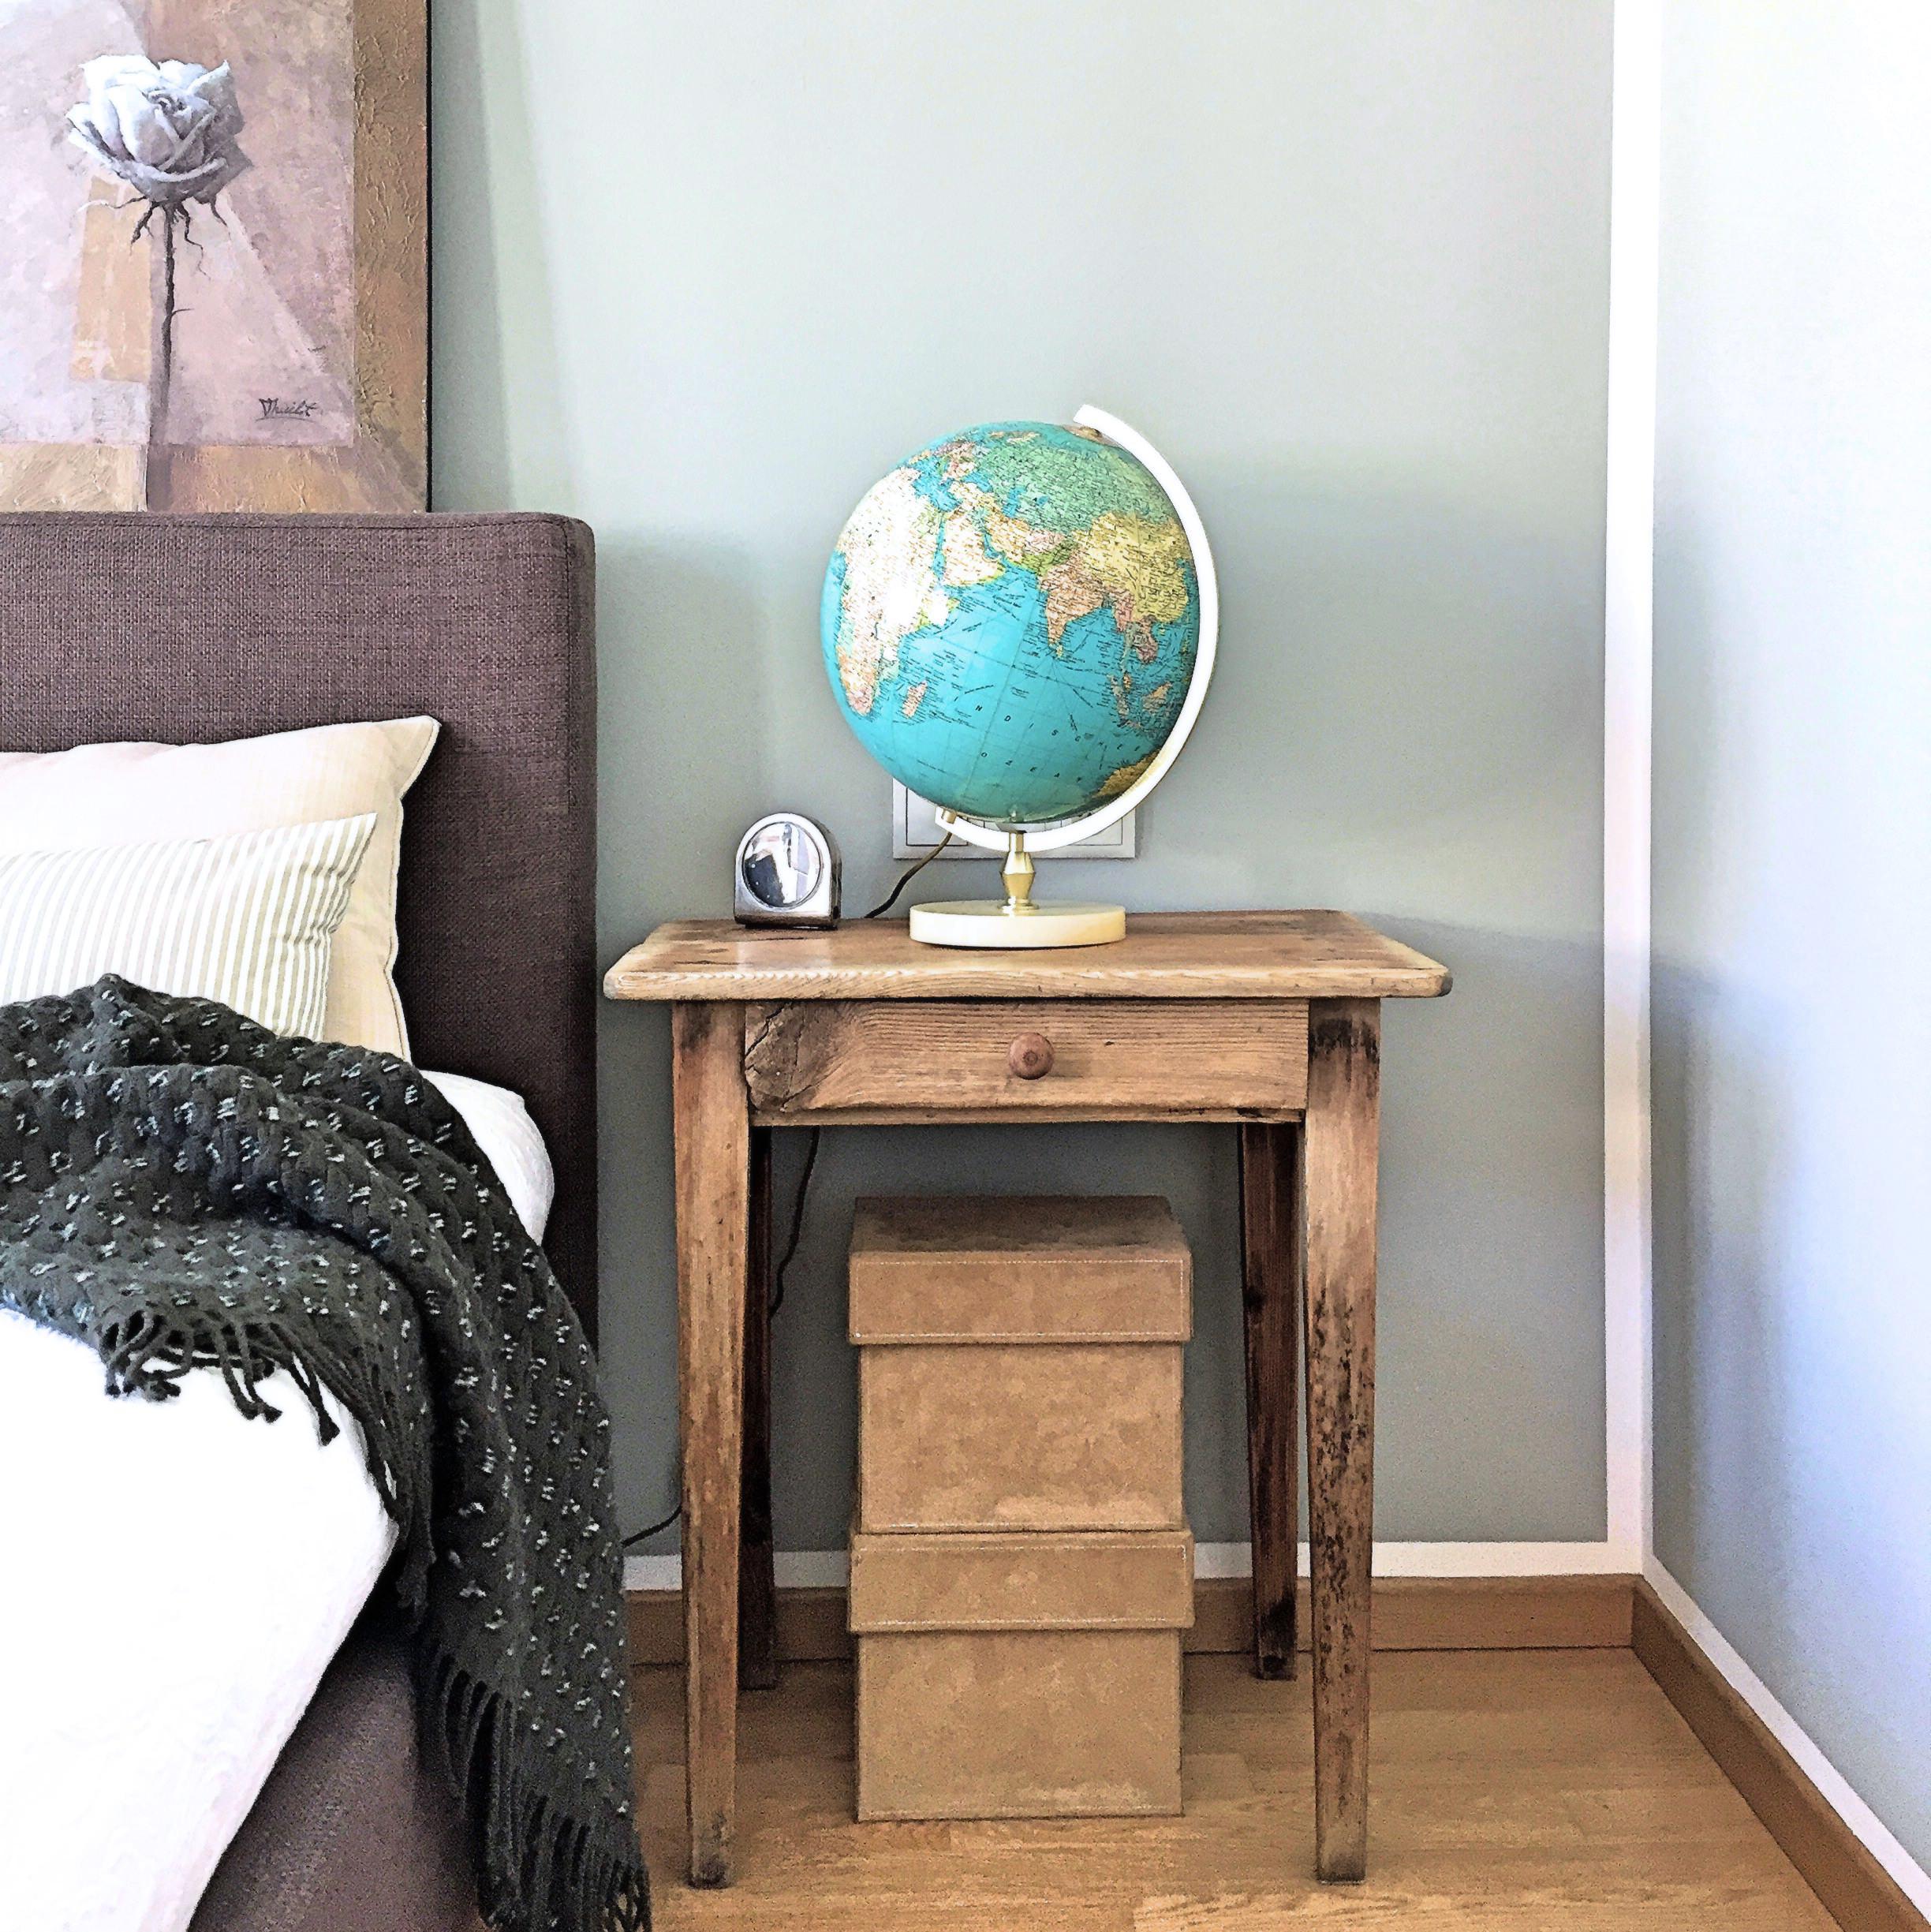 Möbel mit Geschichte neu belebt im Schlafzimmer